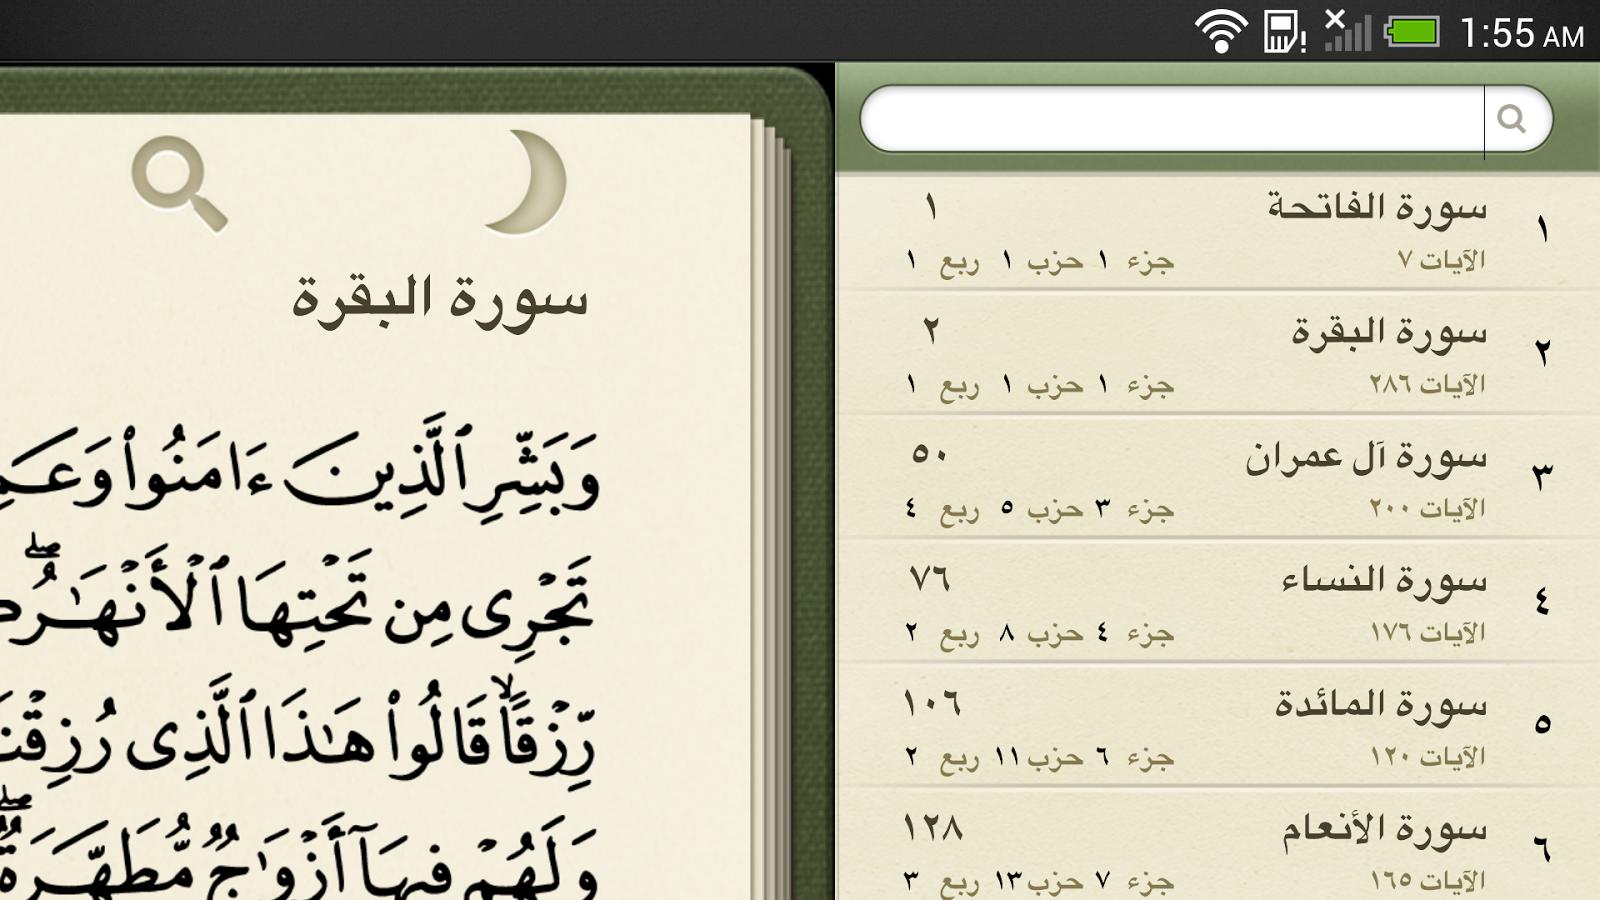 تطبيق القرآن الكريم Quran Android لأجهزة أندرويد 6B46CNUb4smKS4USgkKqlfX-pldqAx8Ms32oT7AdxjuMfLx1YCebjmg0B16fxKihpe8=h900